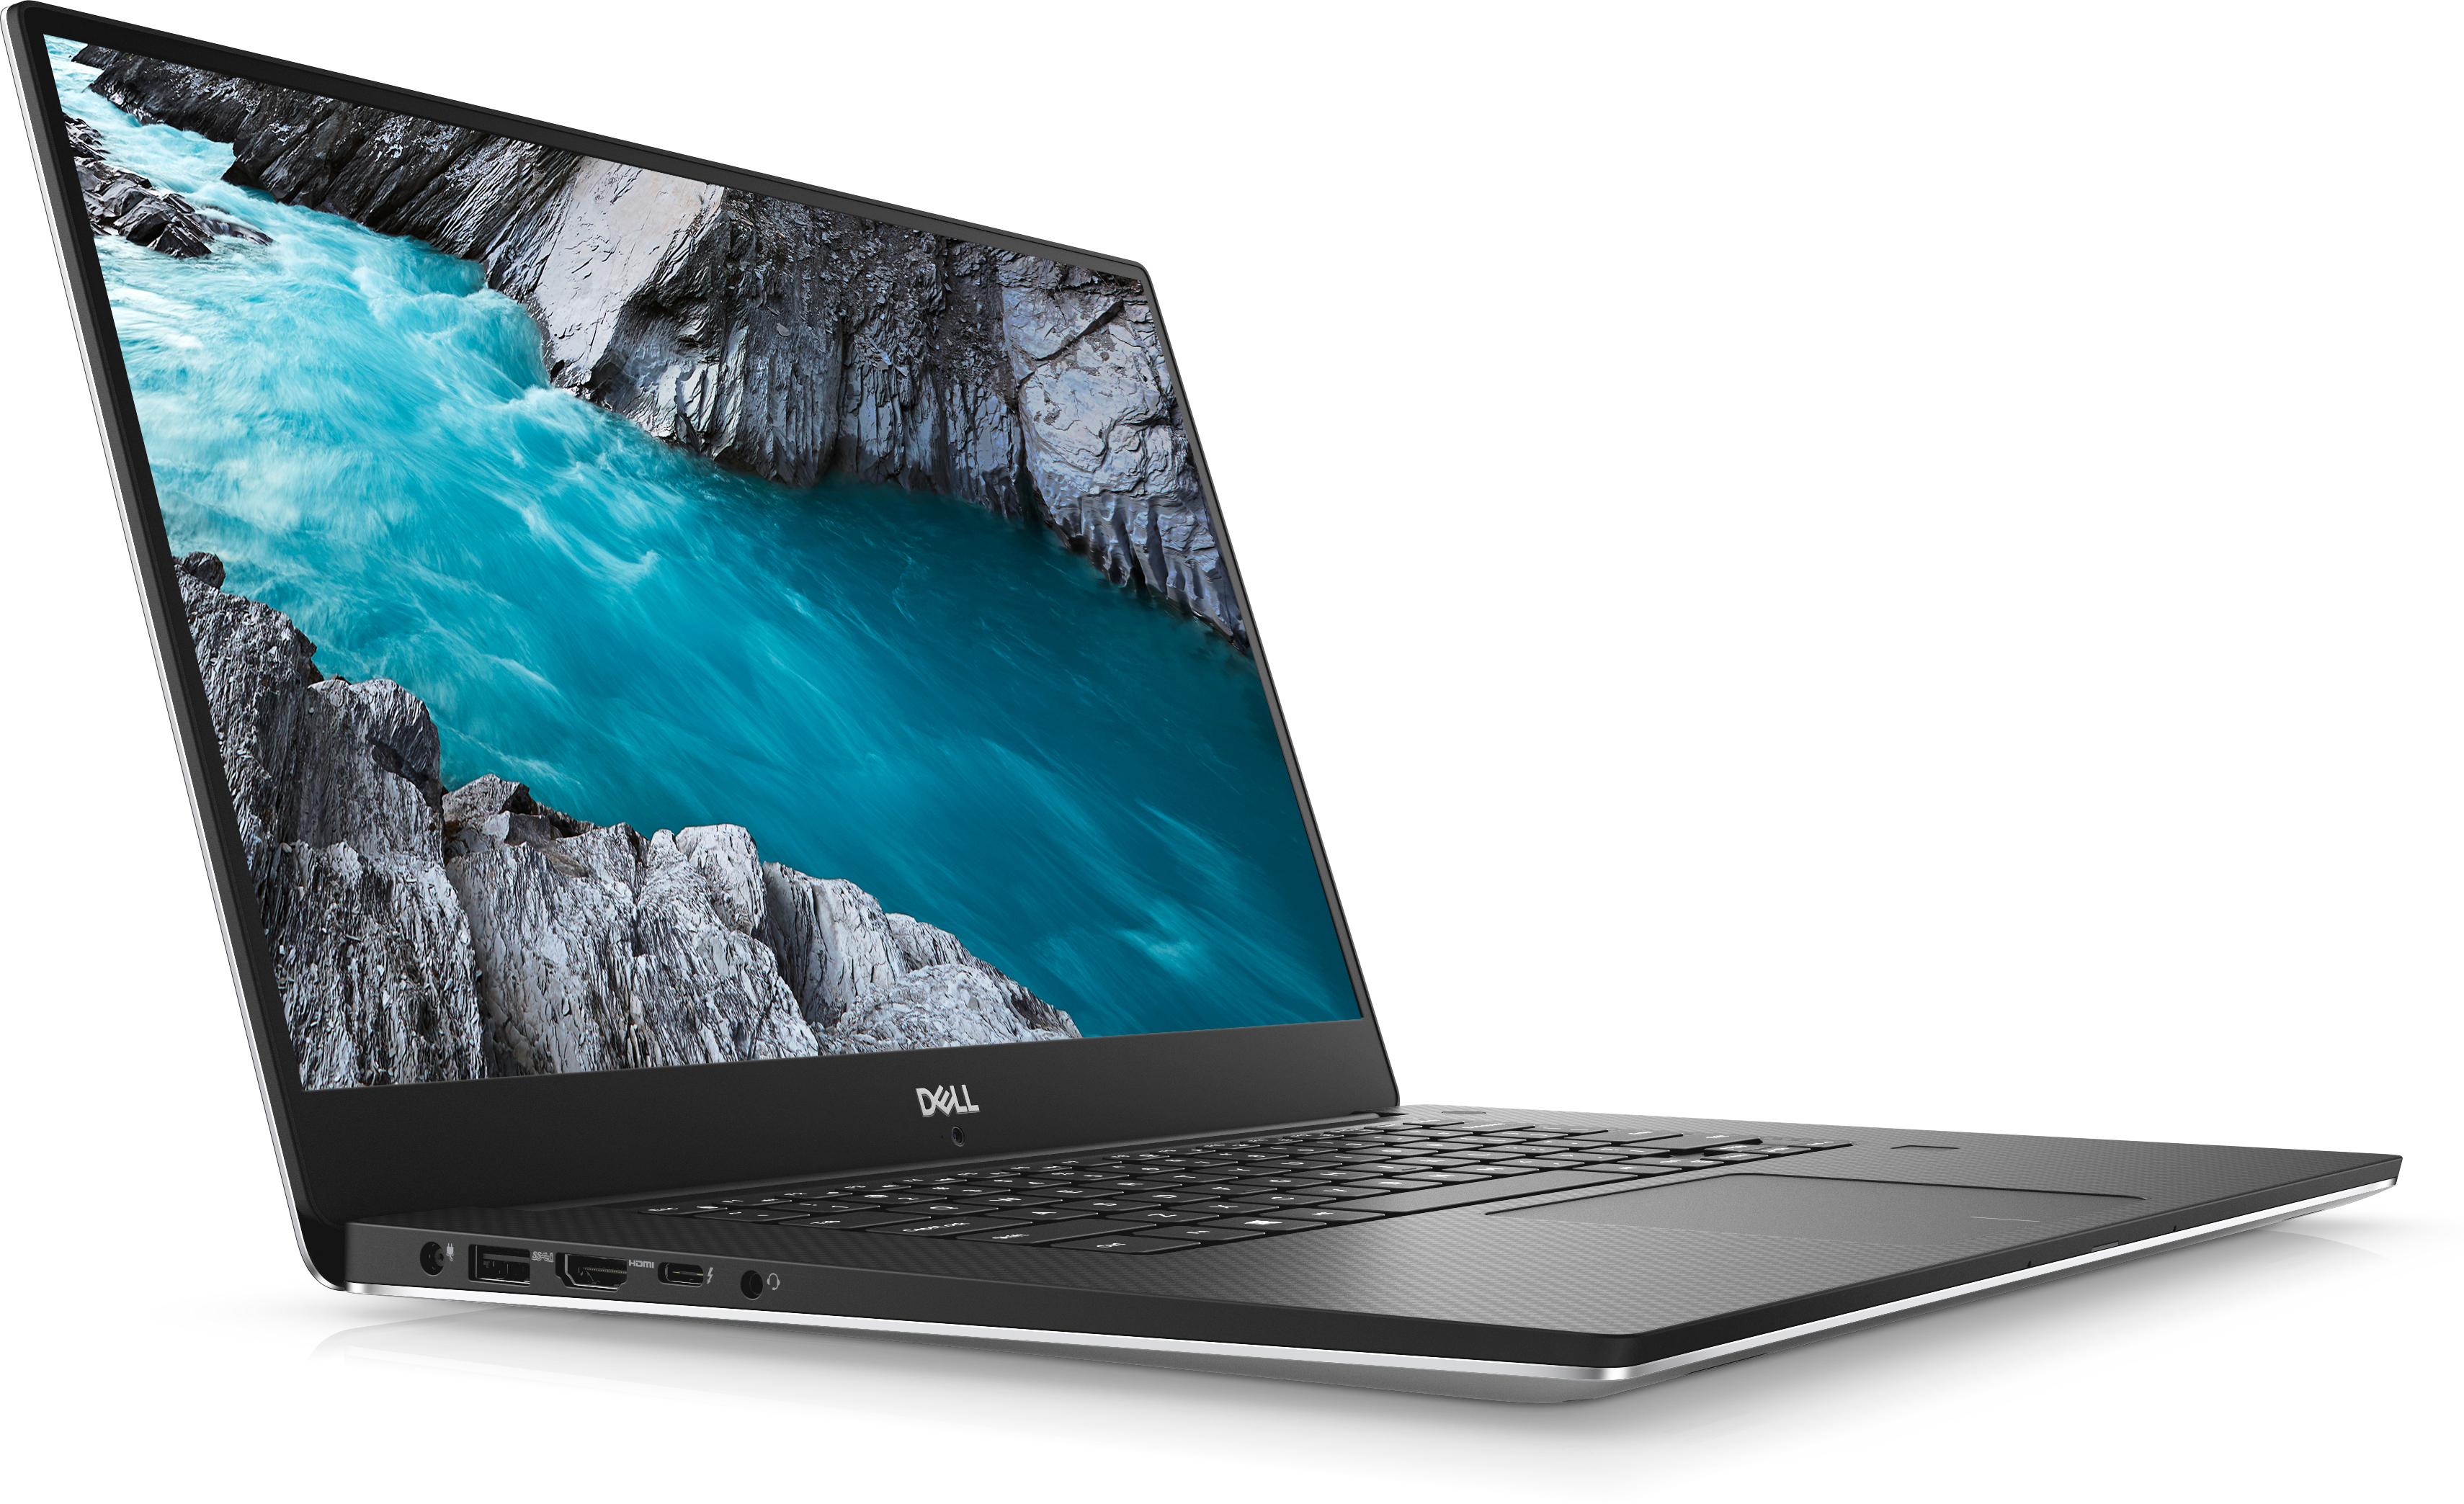 ผลการค้นหารูปภาพสำหรับ Dell XPS 15 9570